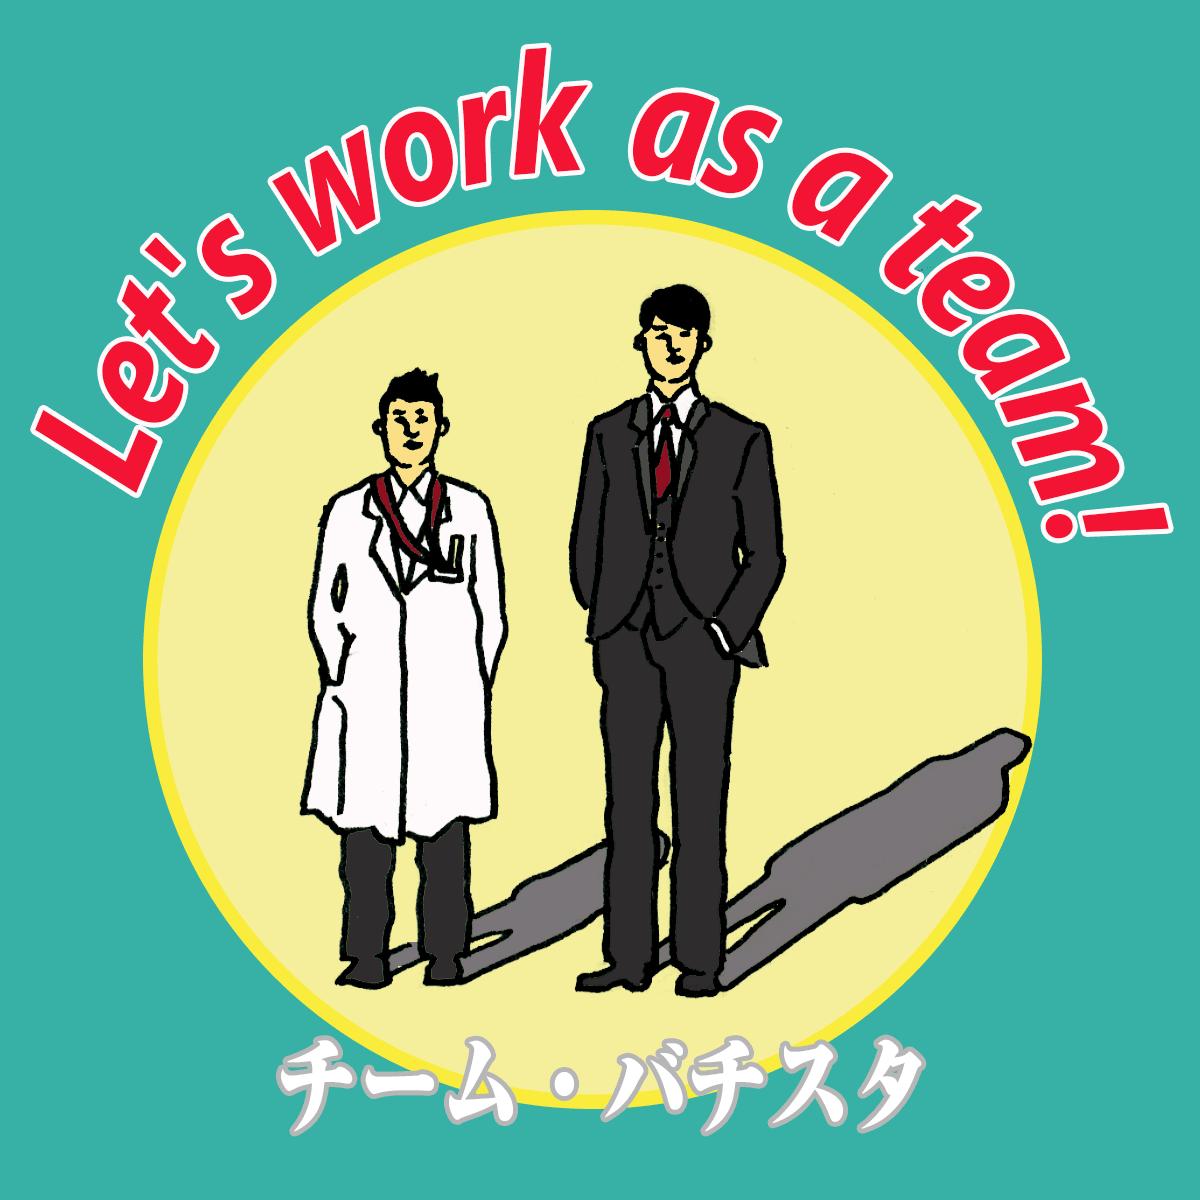 「チーム・バチスタ」から学ぶ<br>Let's work as a team!